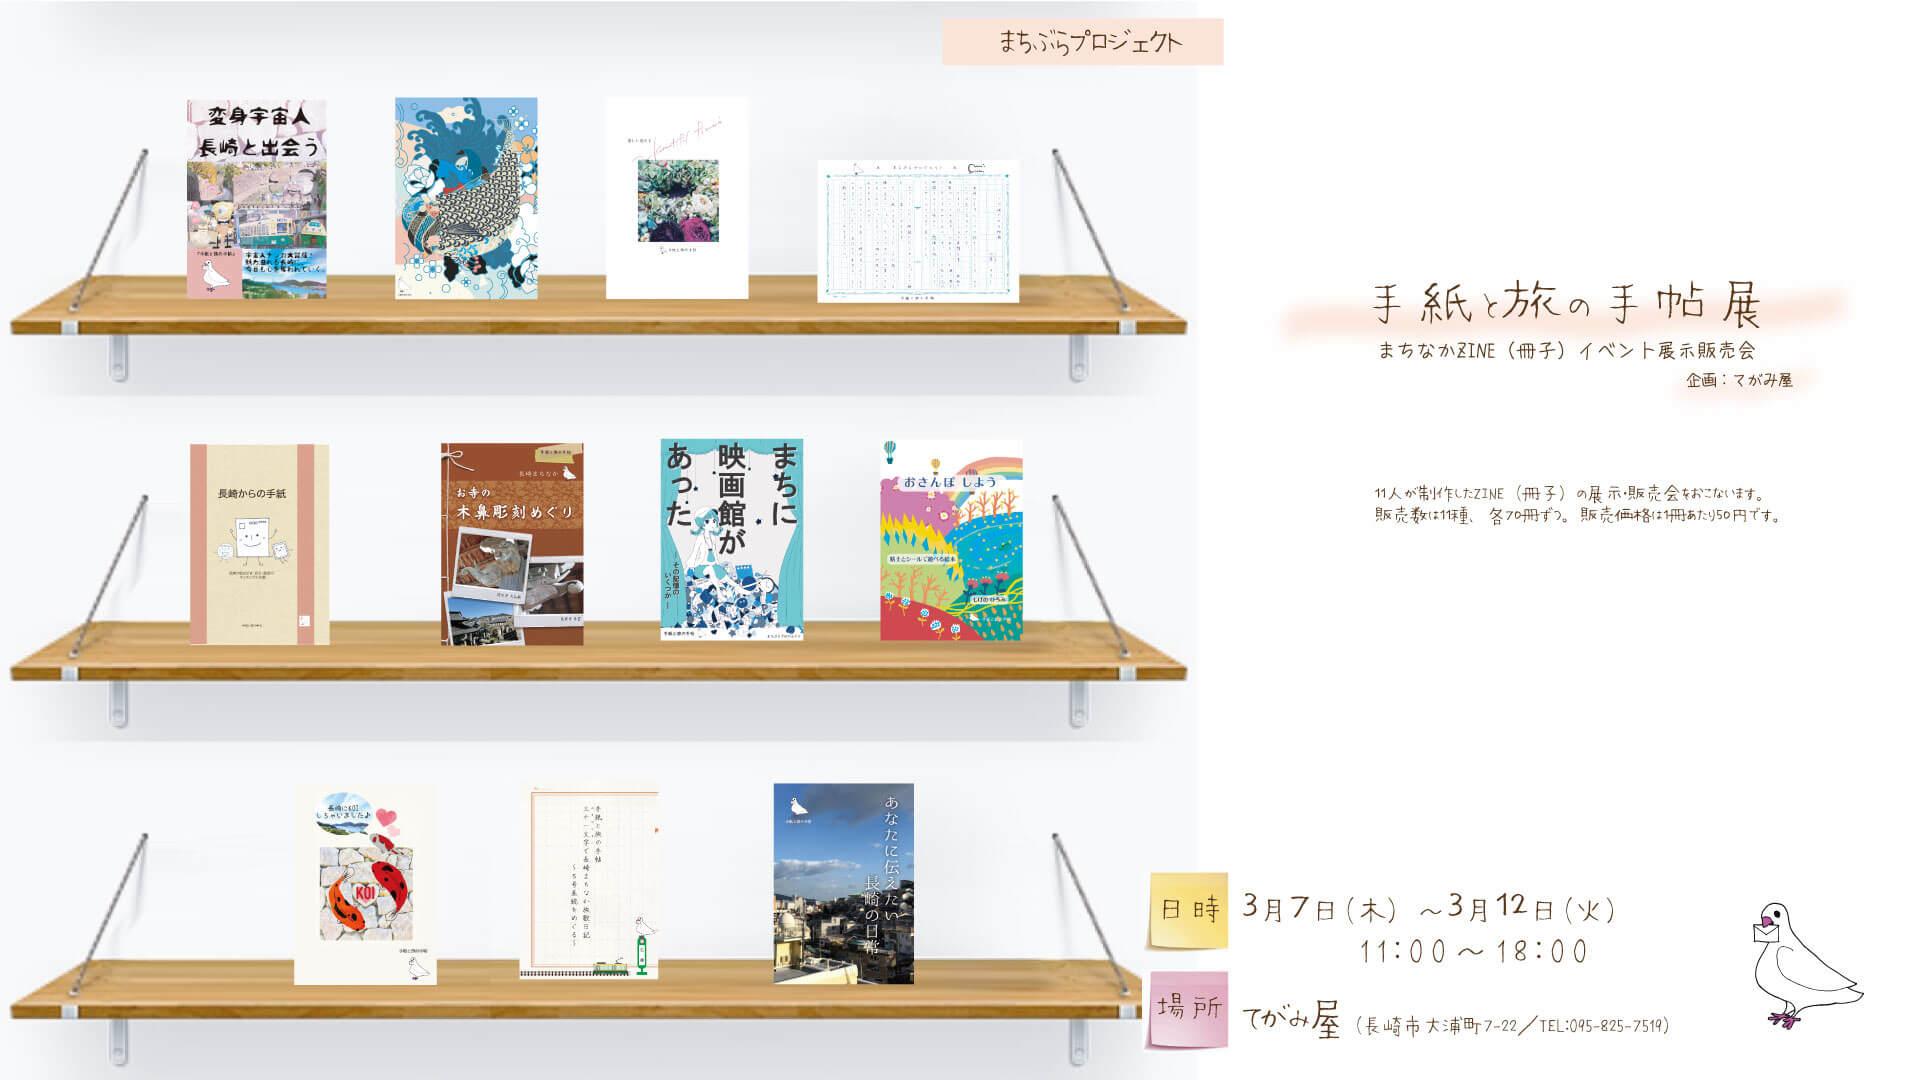 見応え抜群のZINEイベント-手紙と旅の手帖展